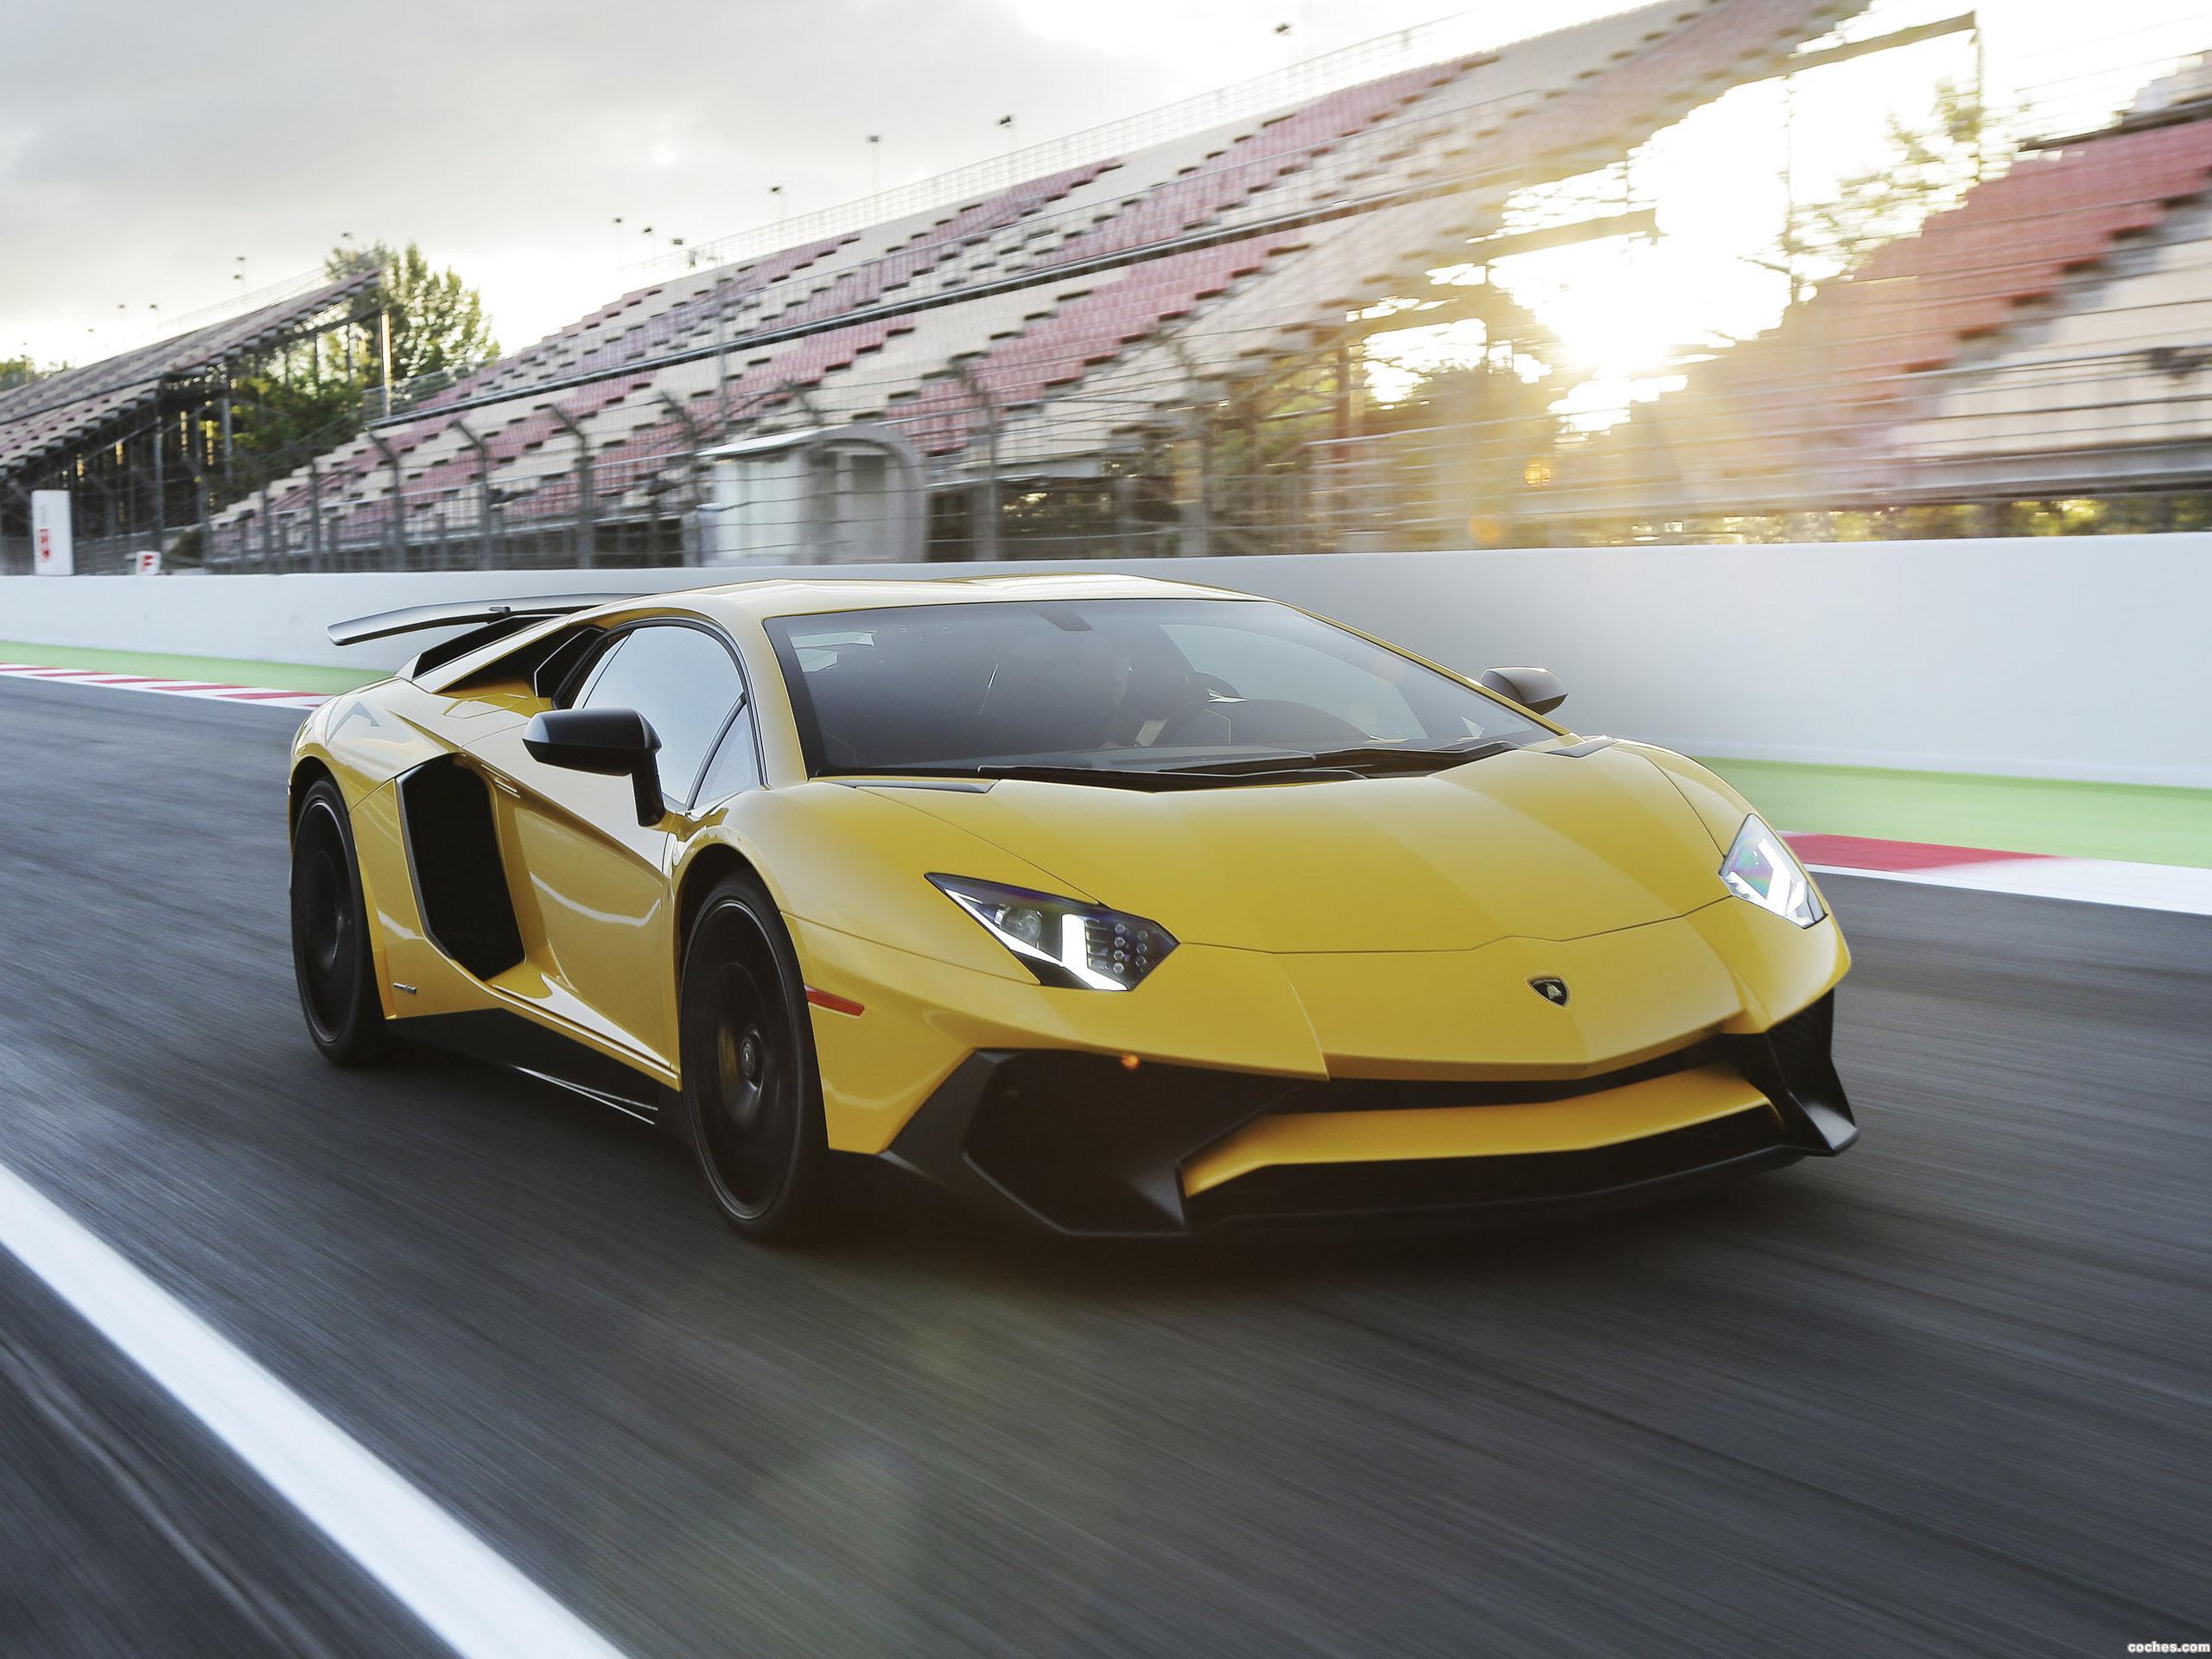 Foto 0 de Lamborghini Aventador LP750-4 Superveloce USA 2015